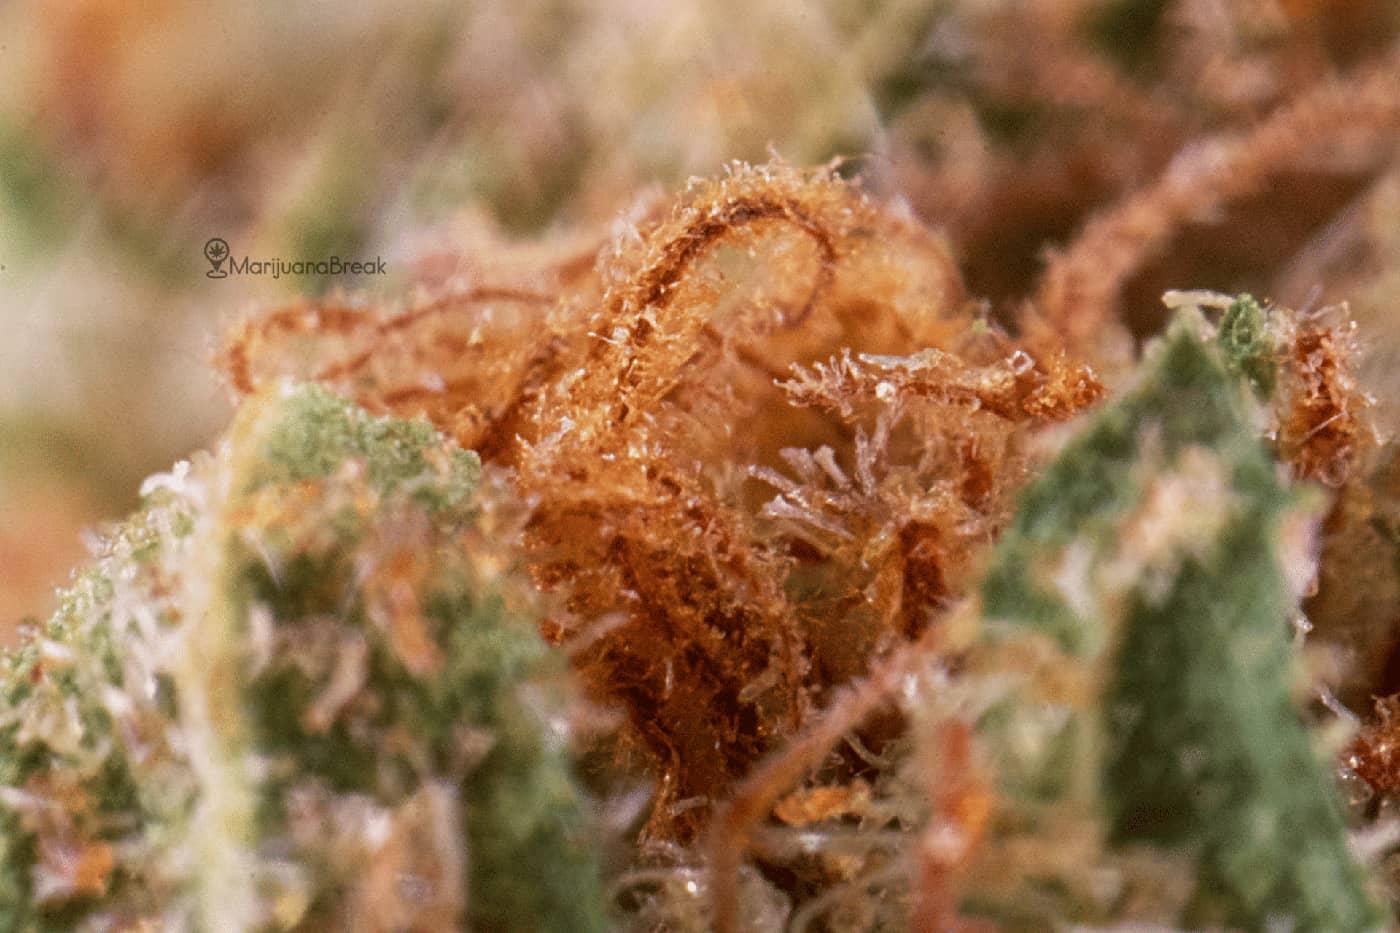 Harlequin Marijuana Strain